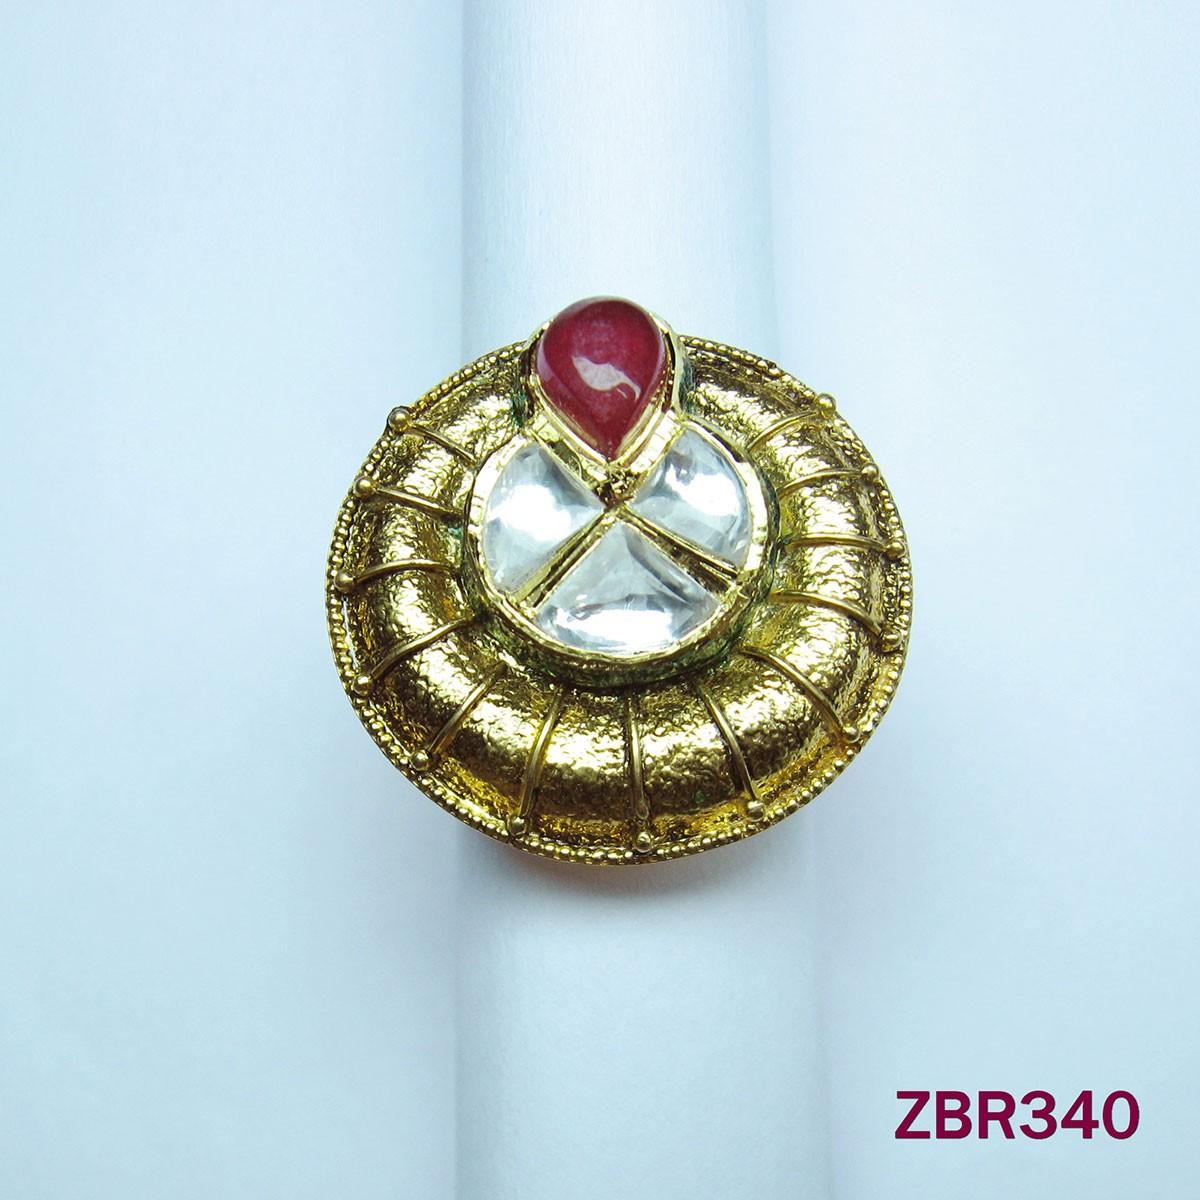 ZBR340